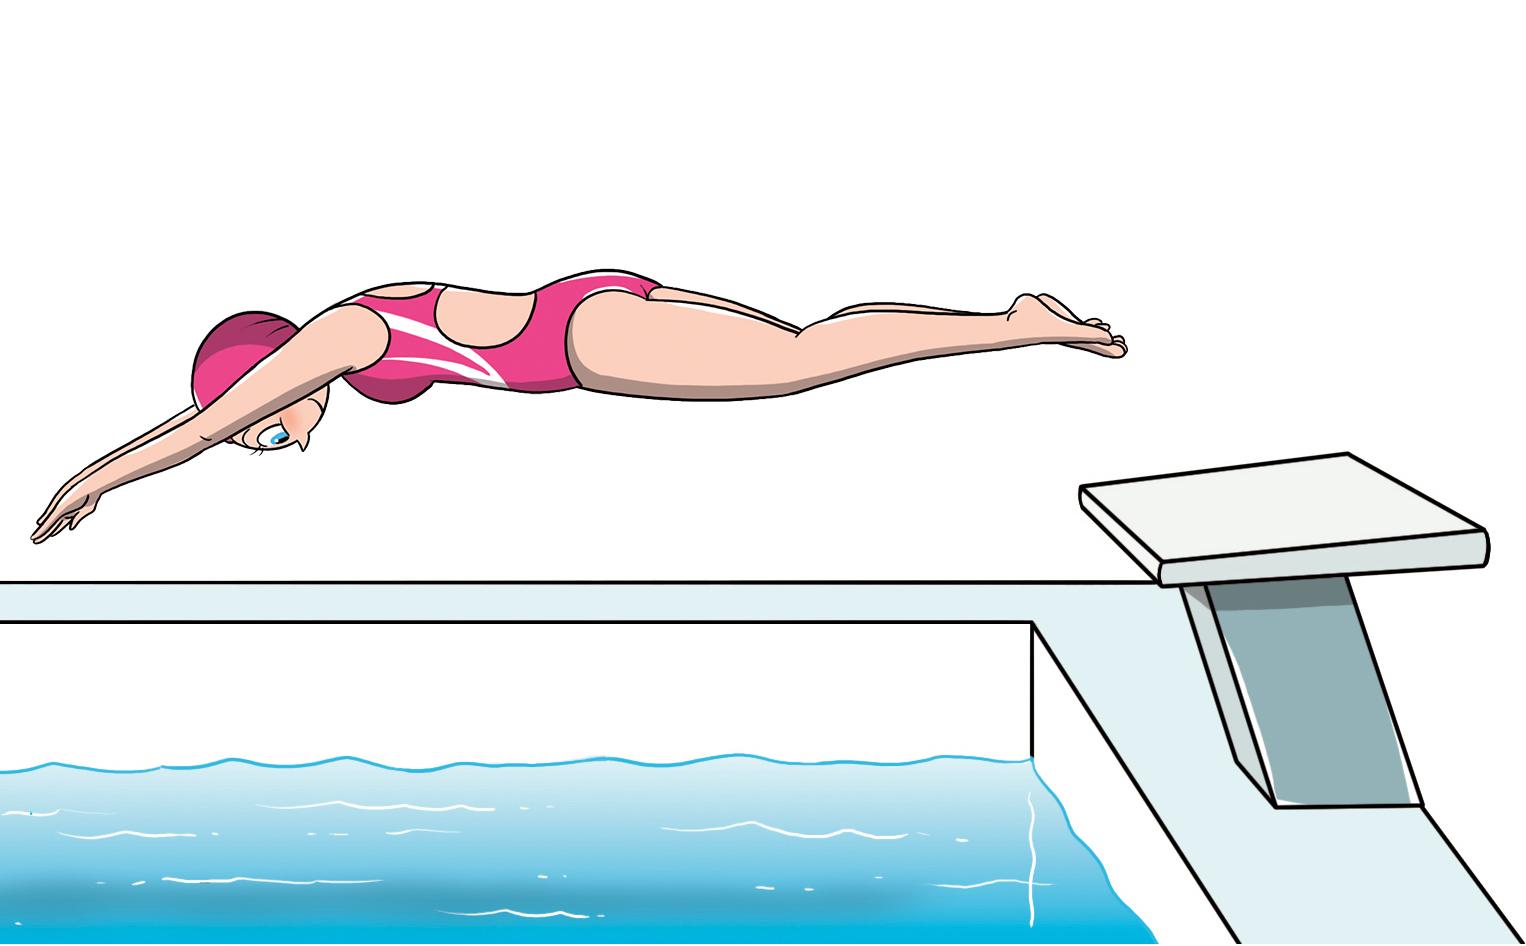 migliorare la circolazione sanguigna col nuoto